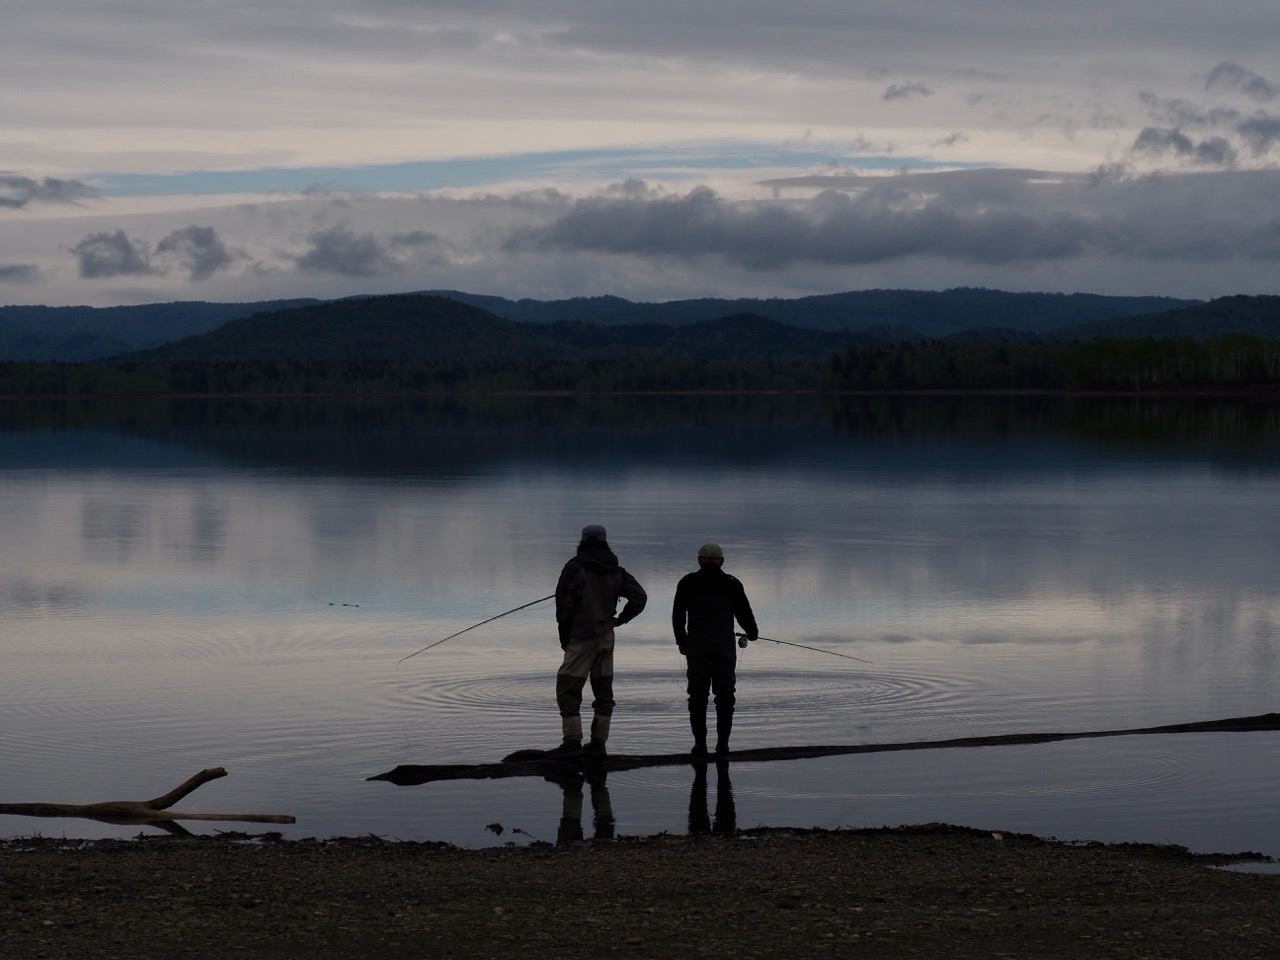 朱鞠内湖イトウガイド その4 根っからの釣り人